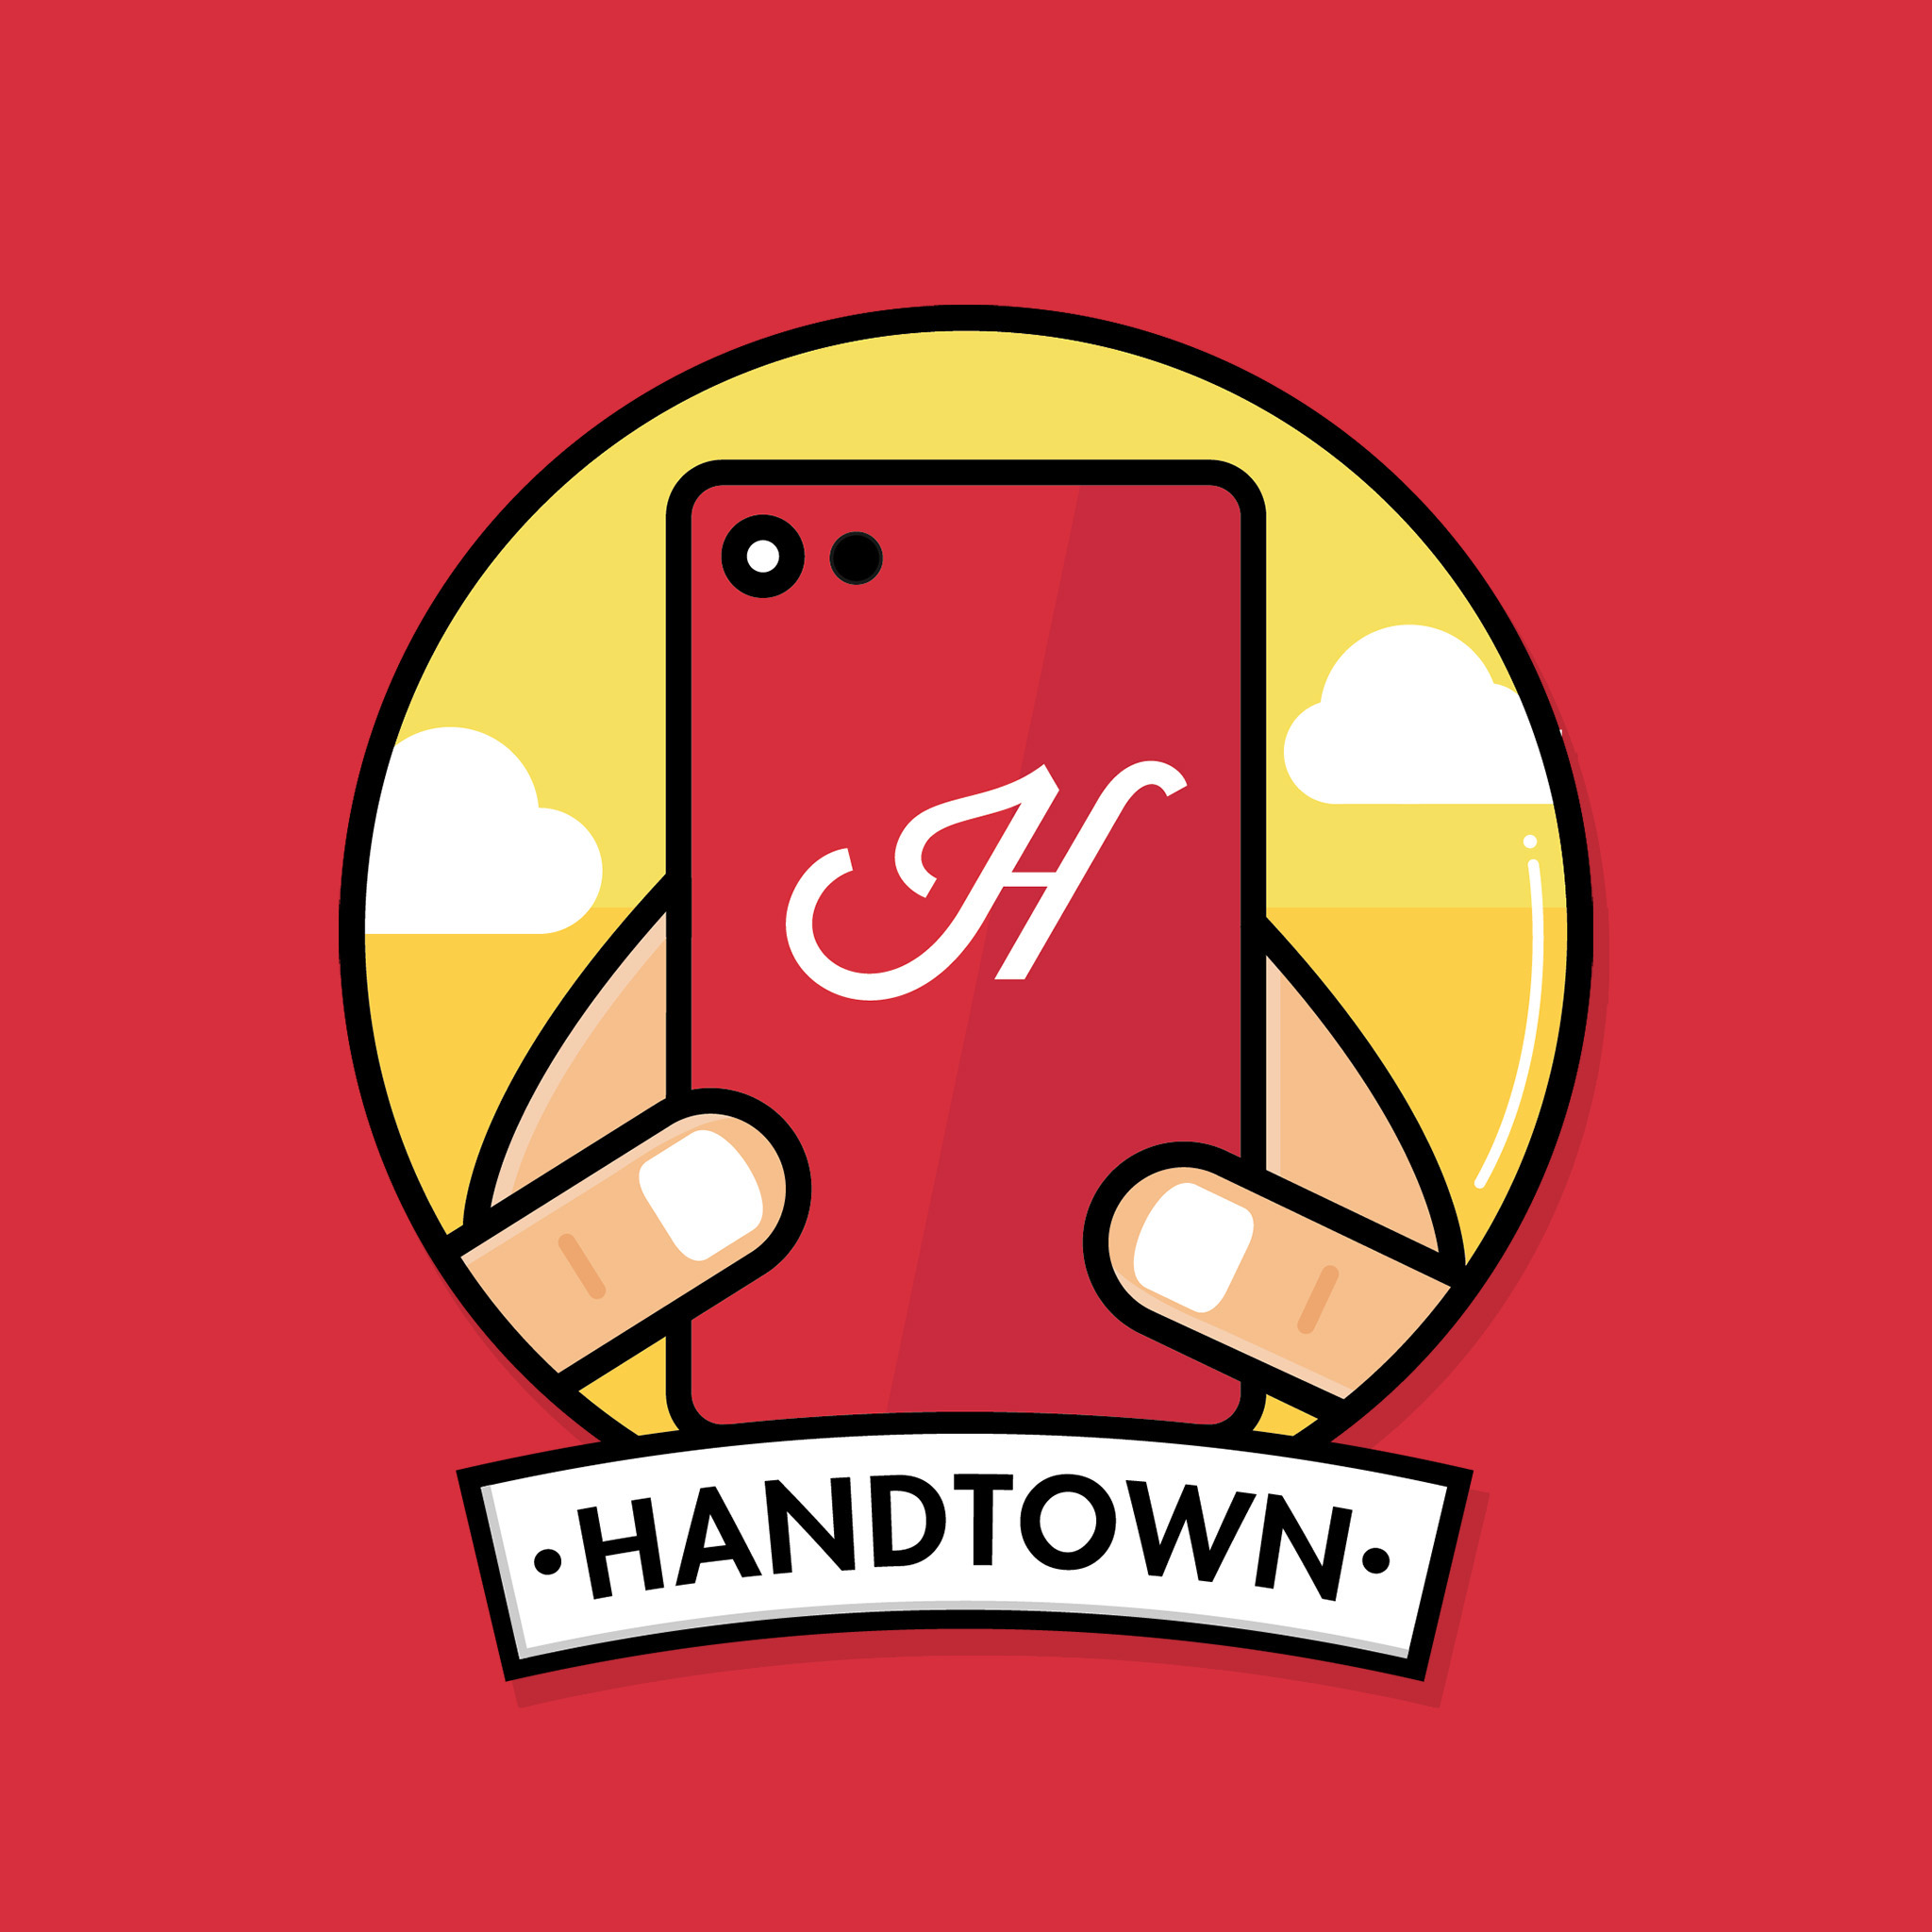 Handtown